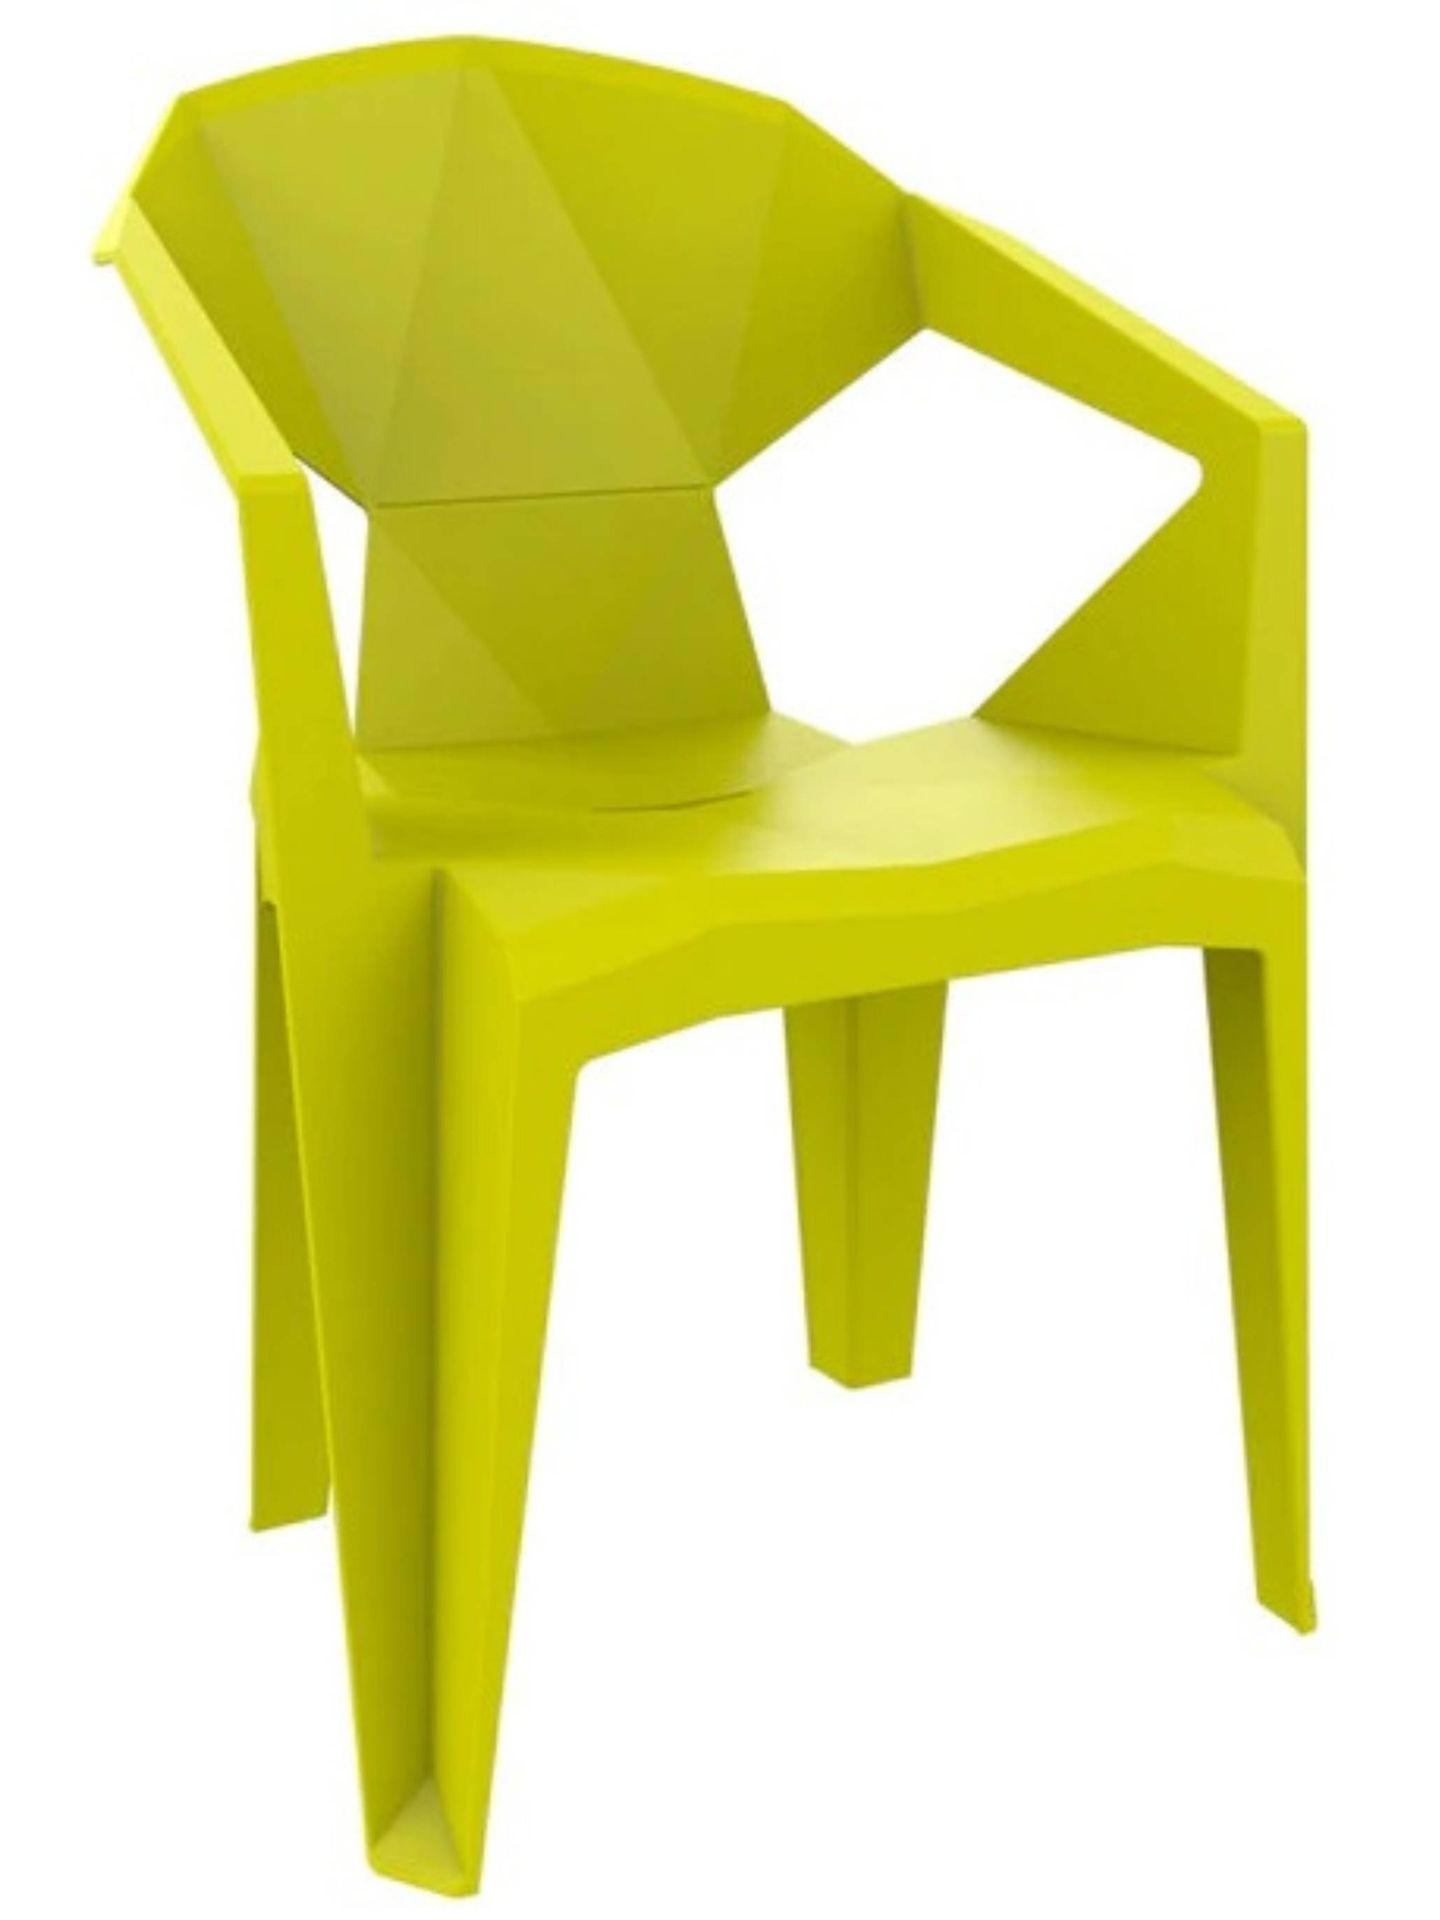 Busca la mejor silla para tu despacho, como esta de Leroy Merlin. (Cortesía)